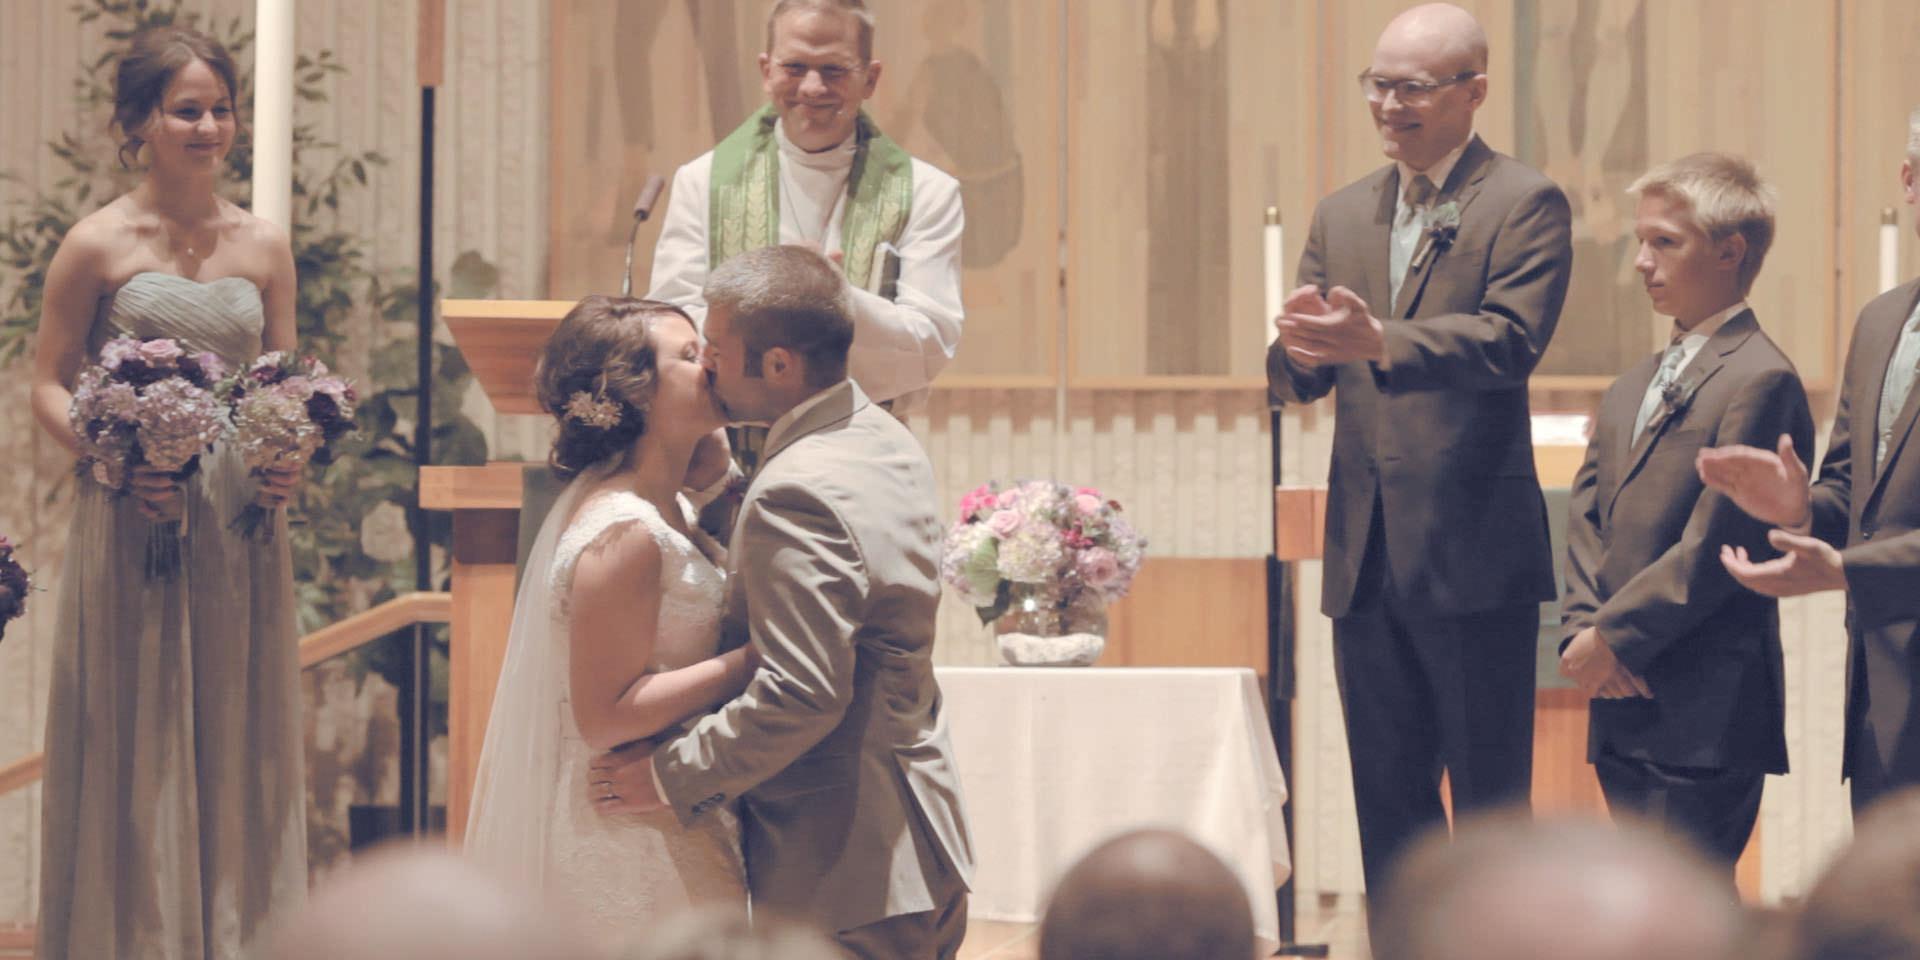 wedding story.00_08_18_10.Still005.jpg